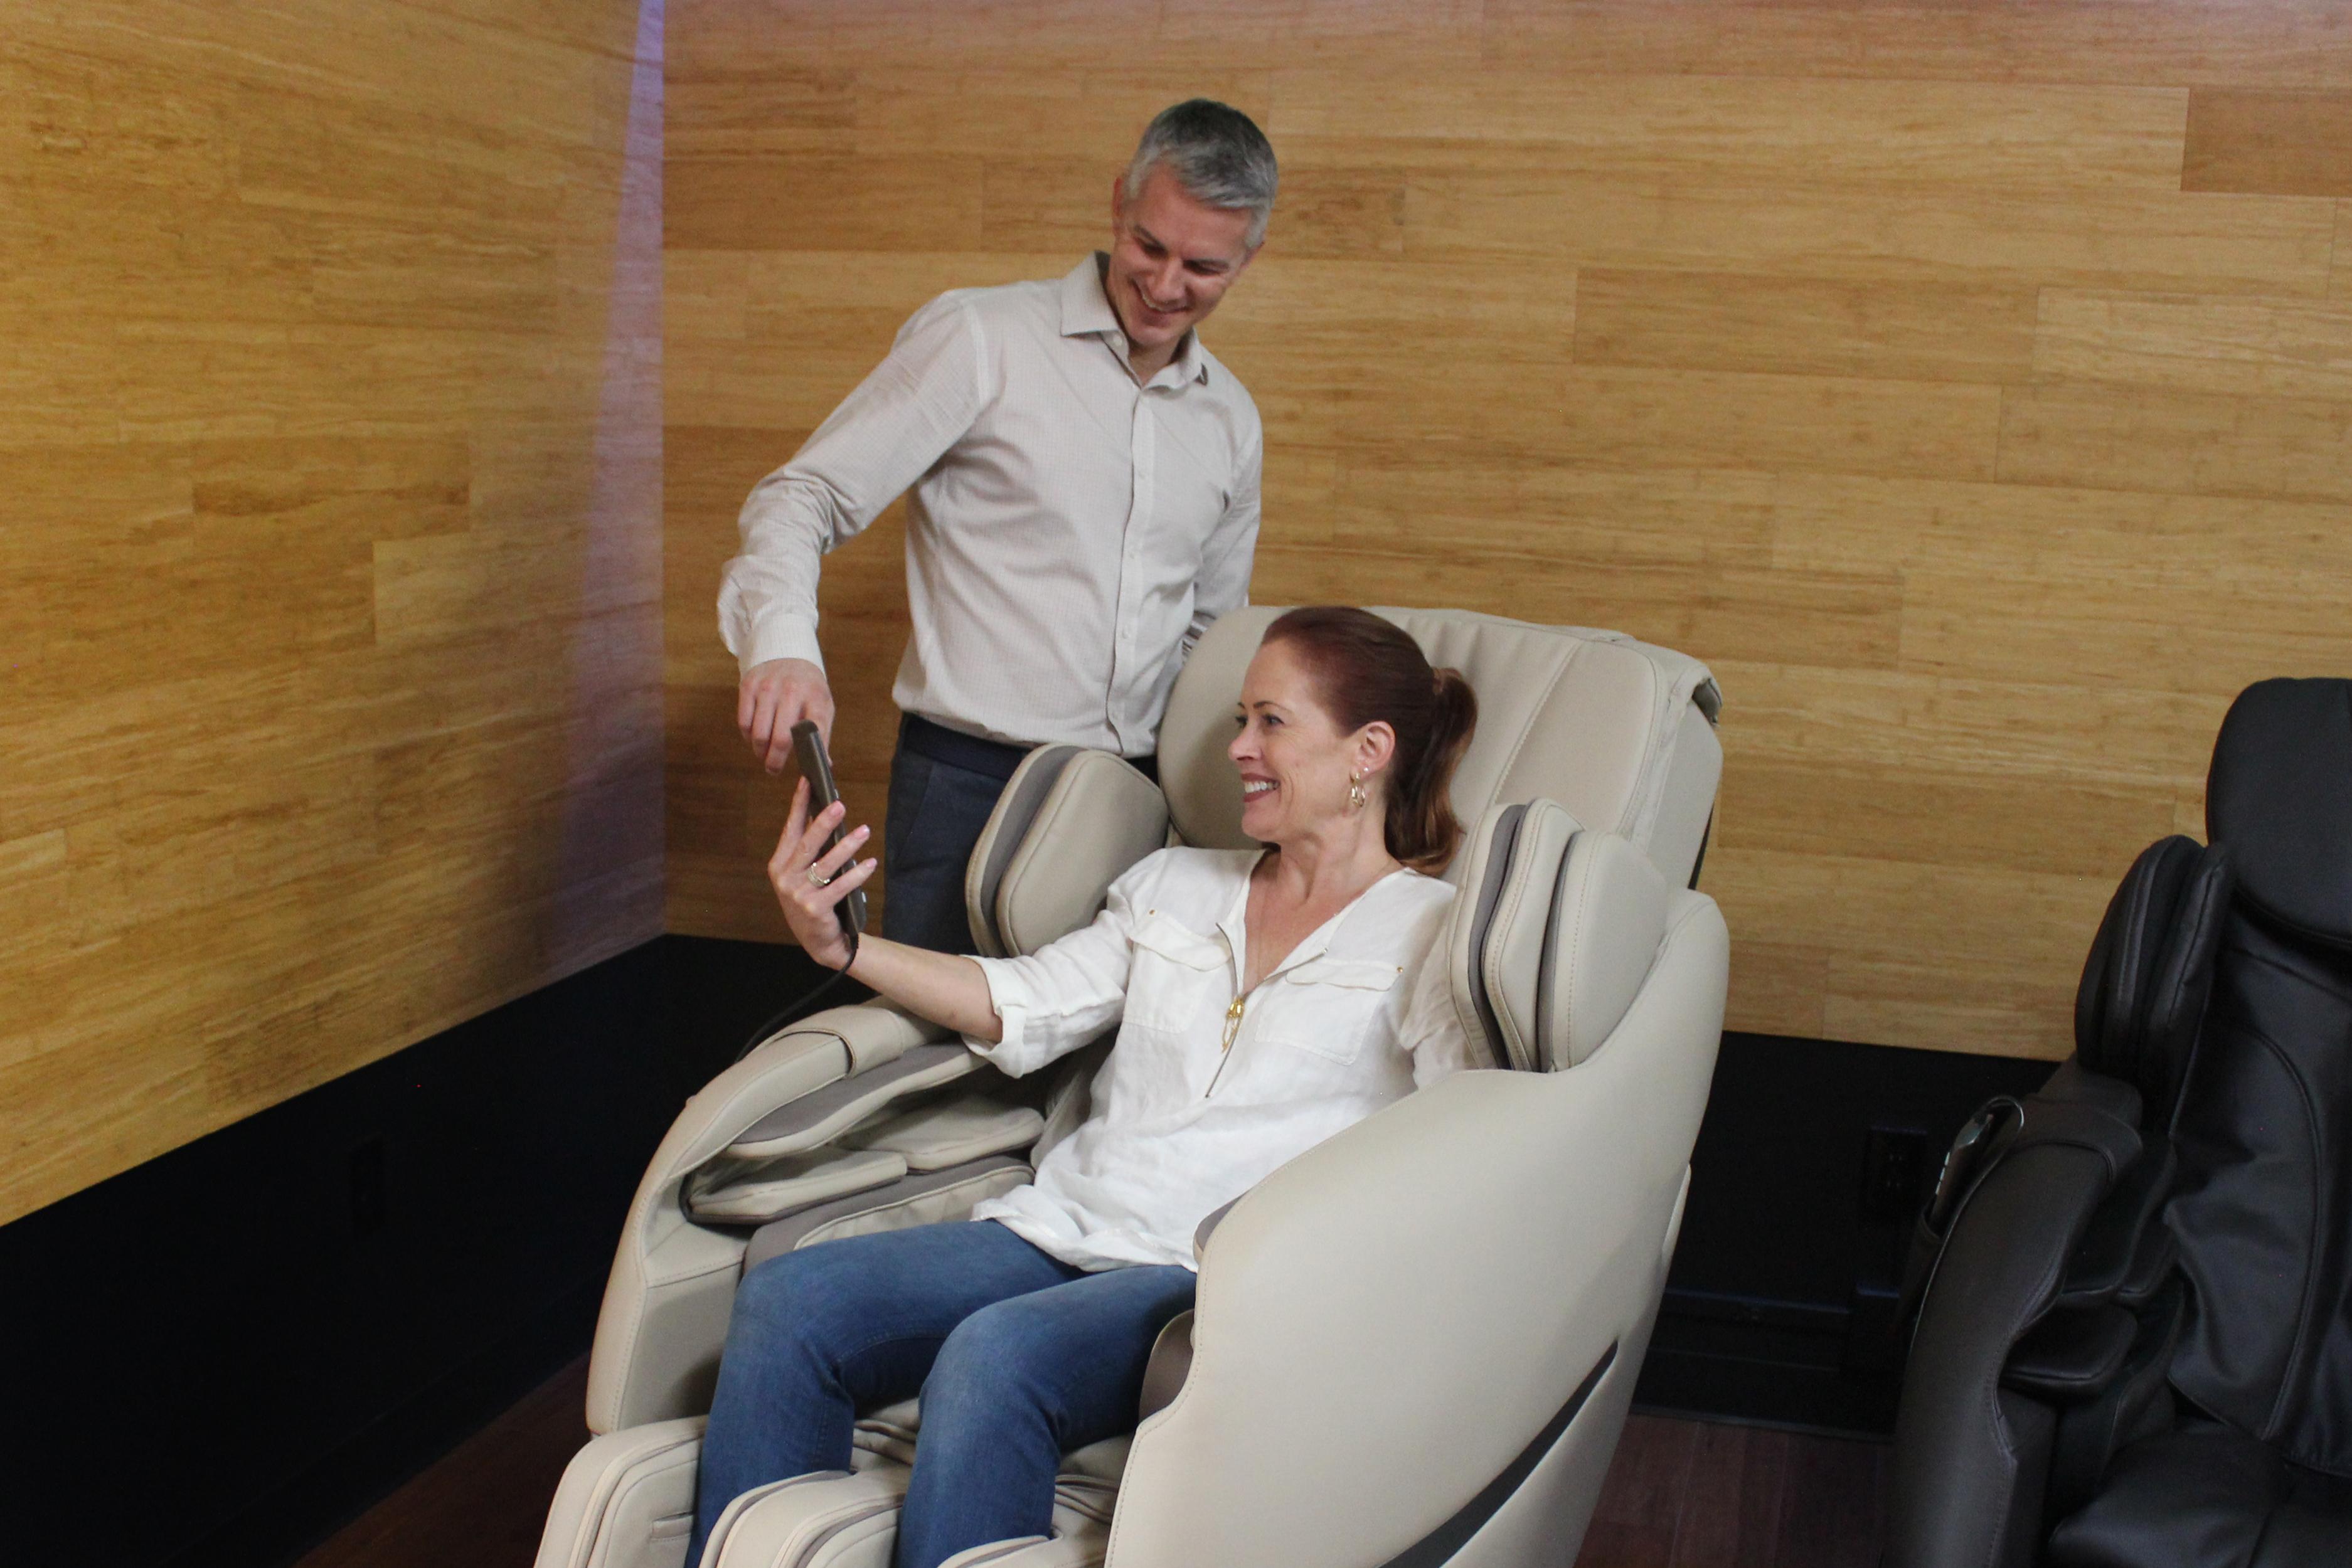 ffl brands massage chairs